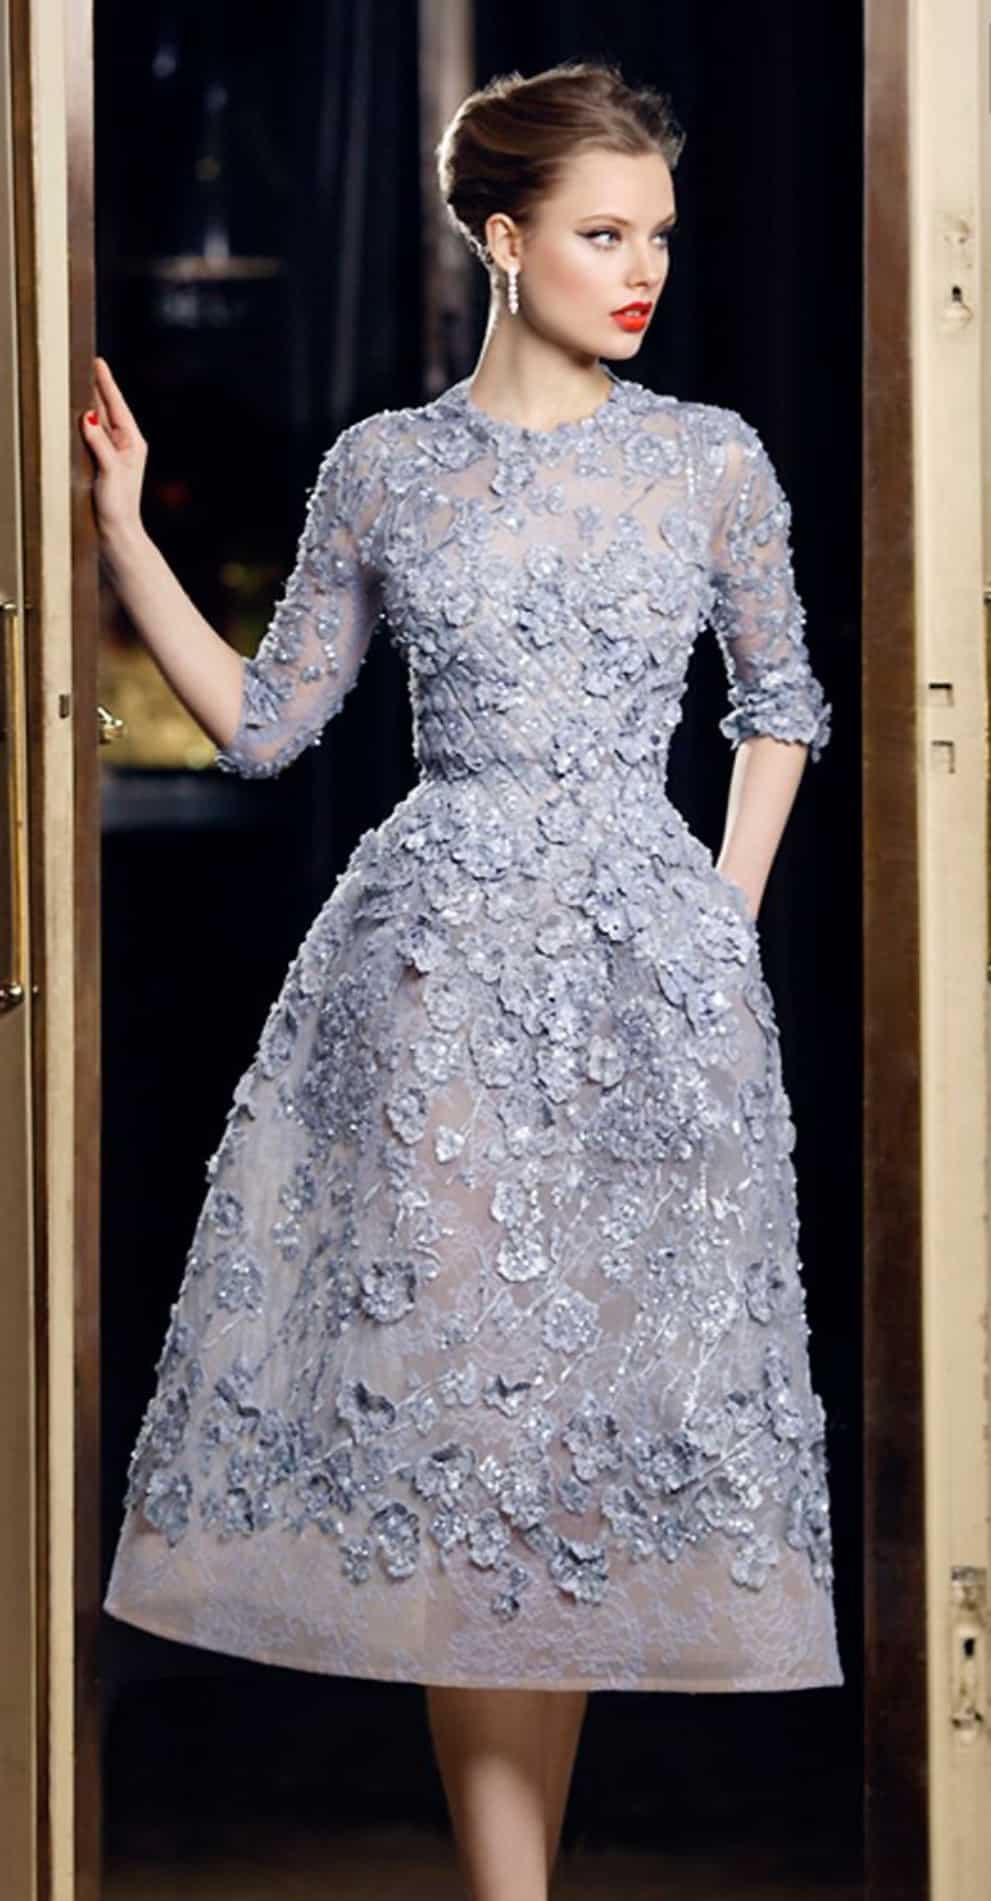 صور أجمل تصميمات لفساتين الخطوبة بألوان ربيعية منوعة